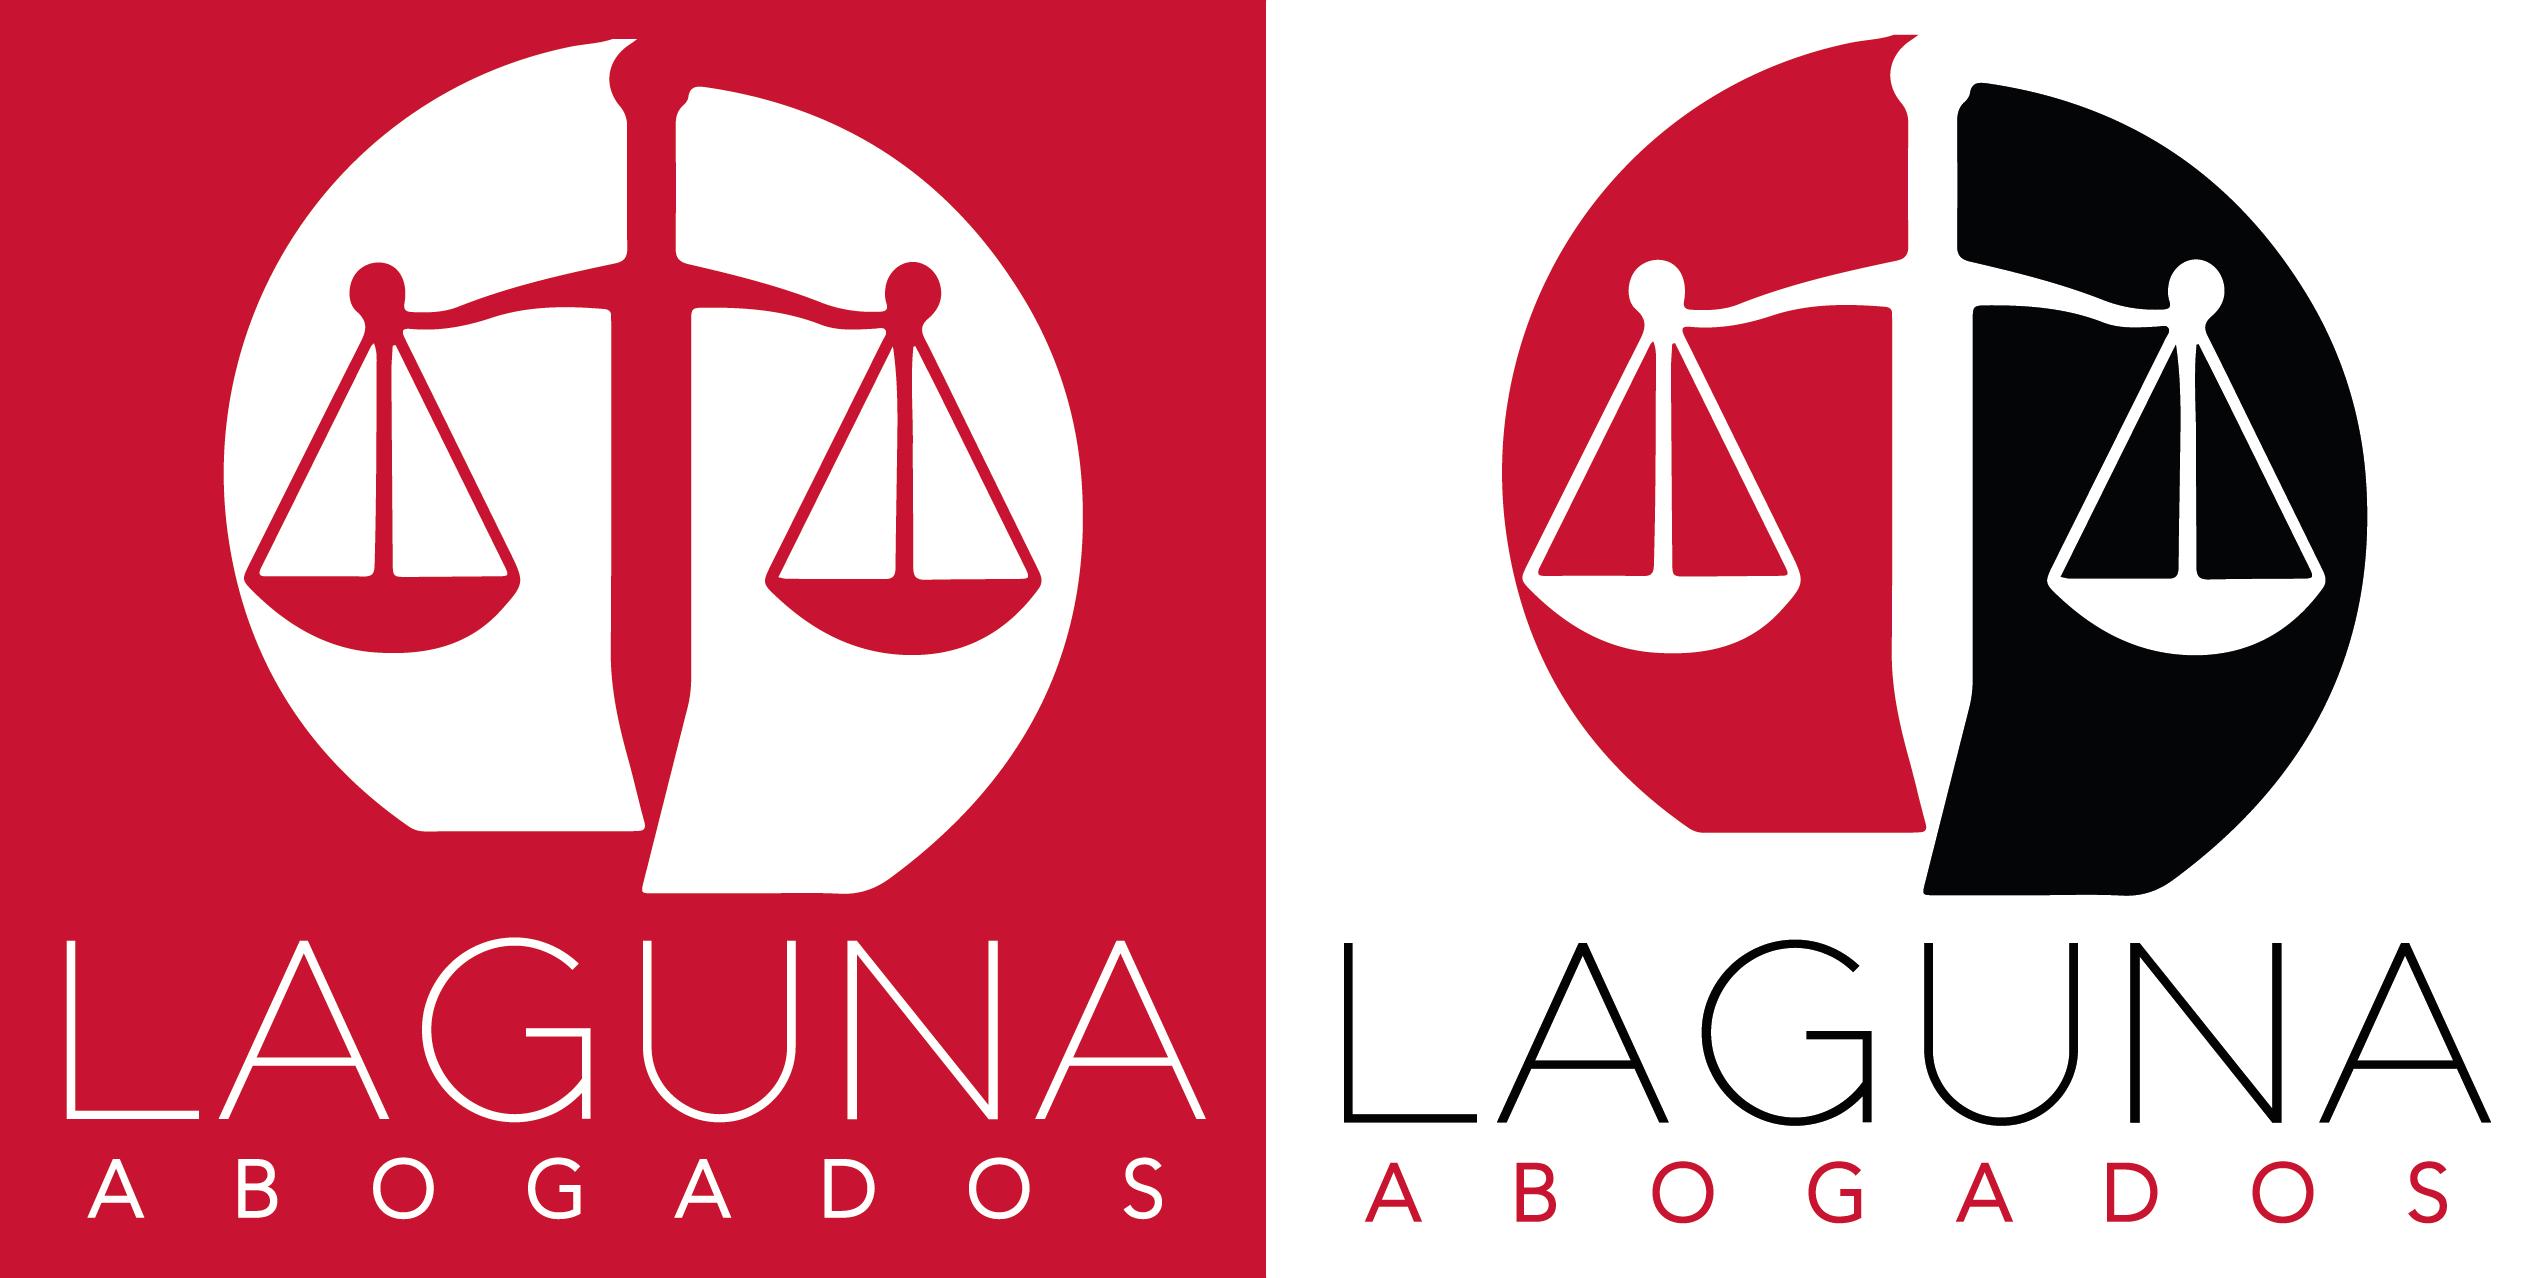 logo abogados - Laguna Abogados